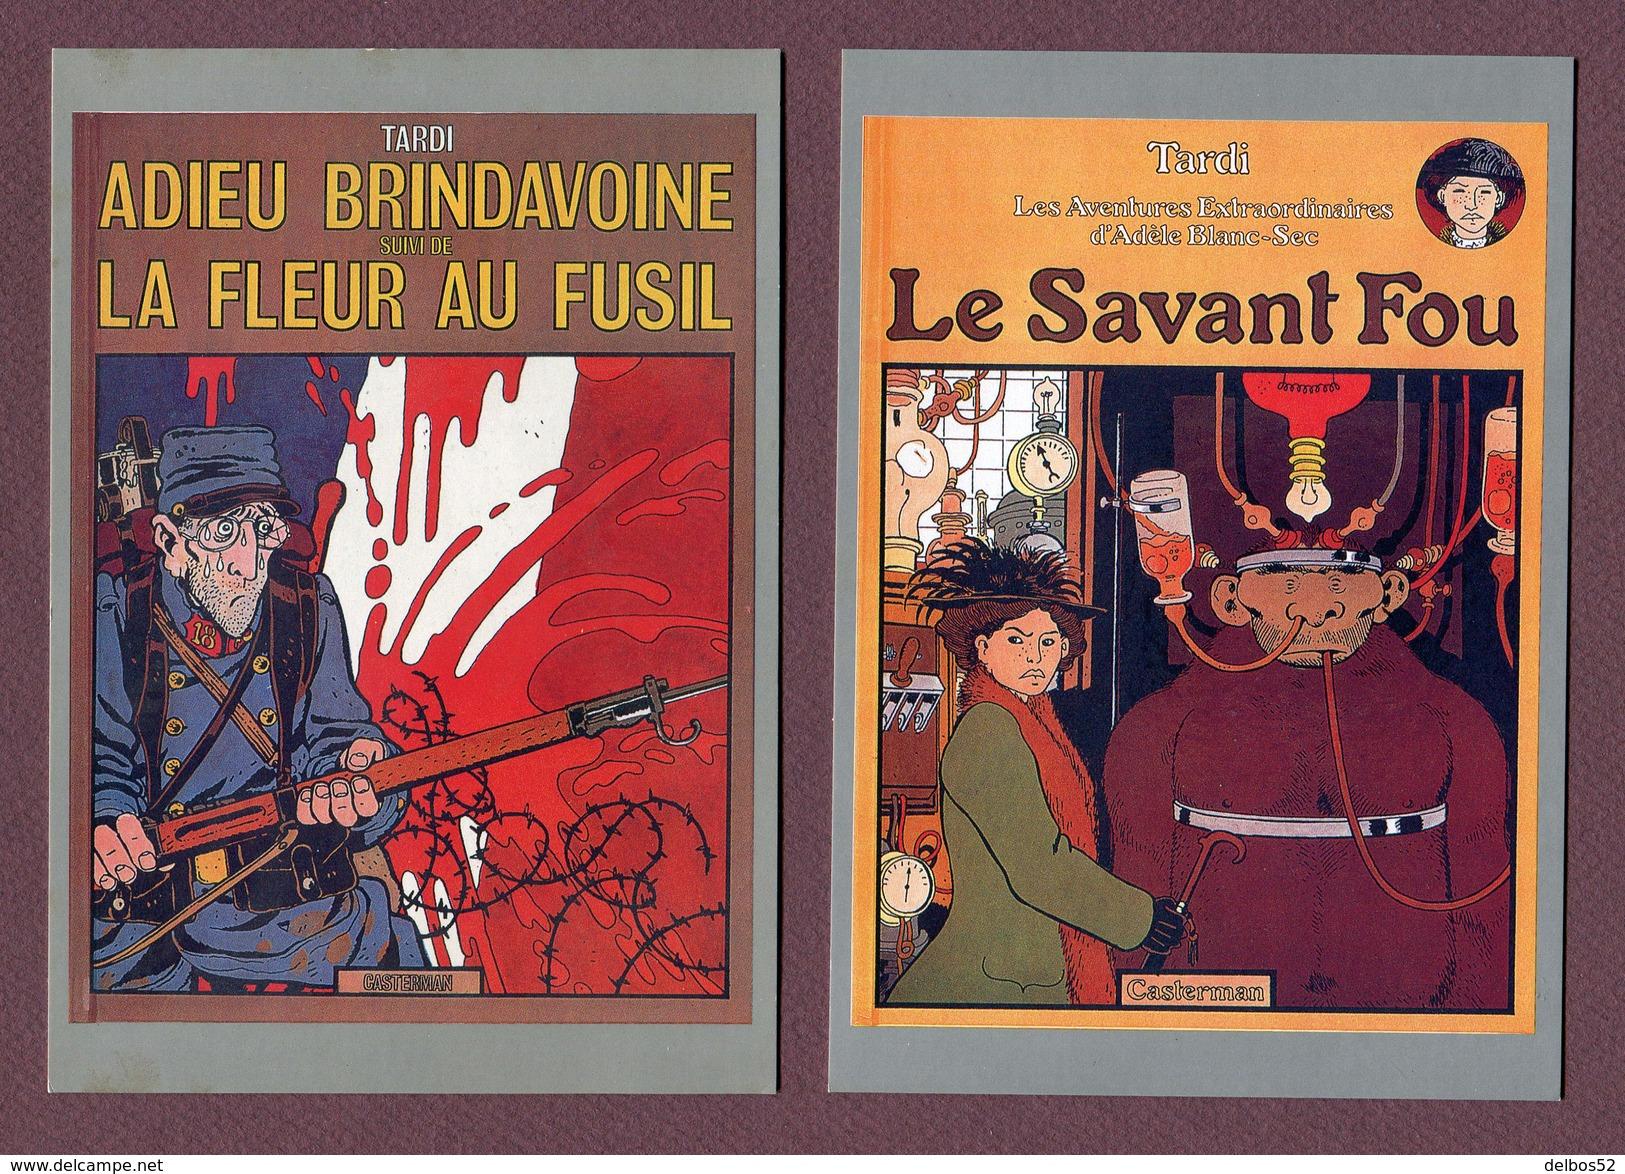 TARDI  : Lot De 8 Cartes Postales - Editions CASTERMAN 1985 - Comics